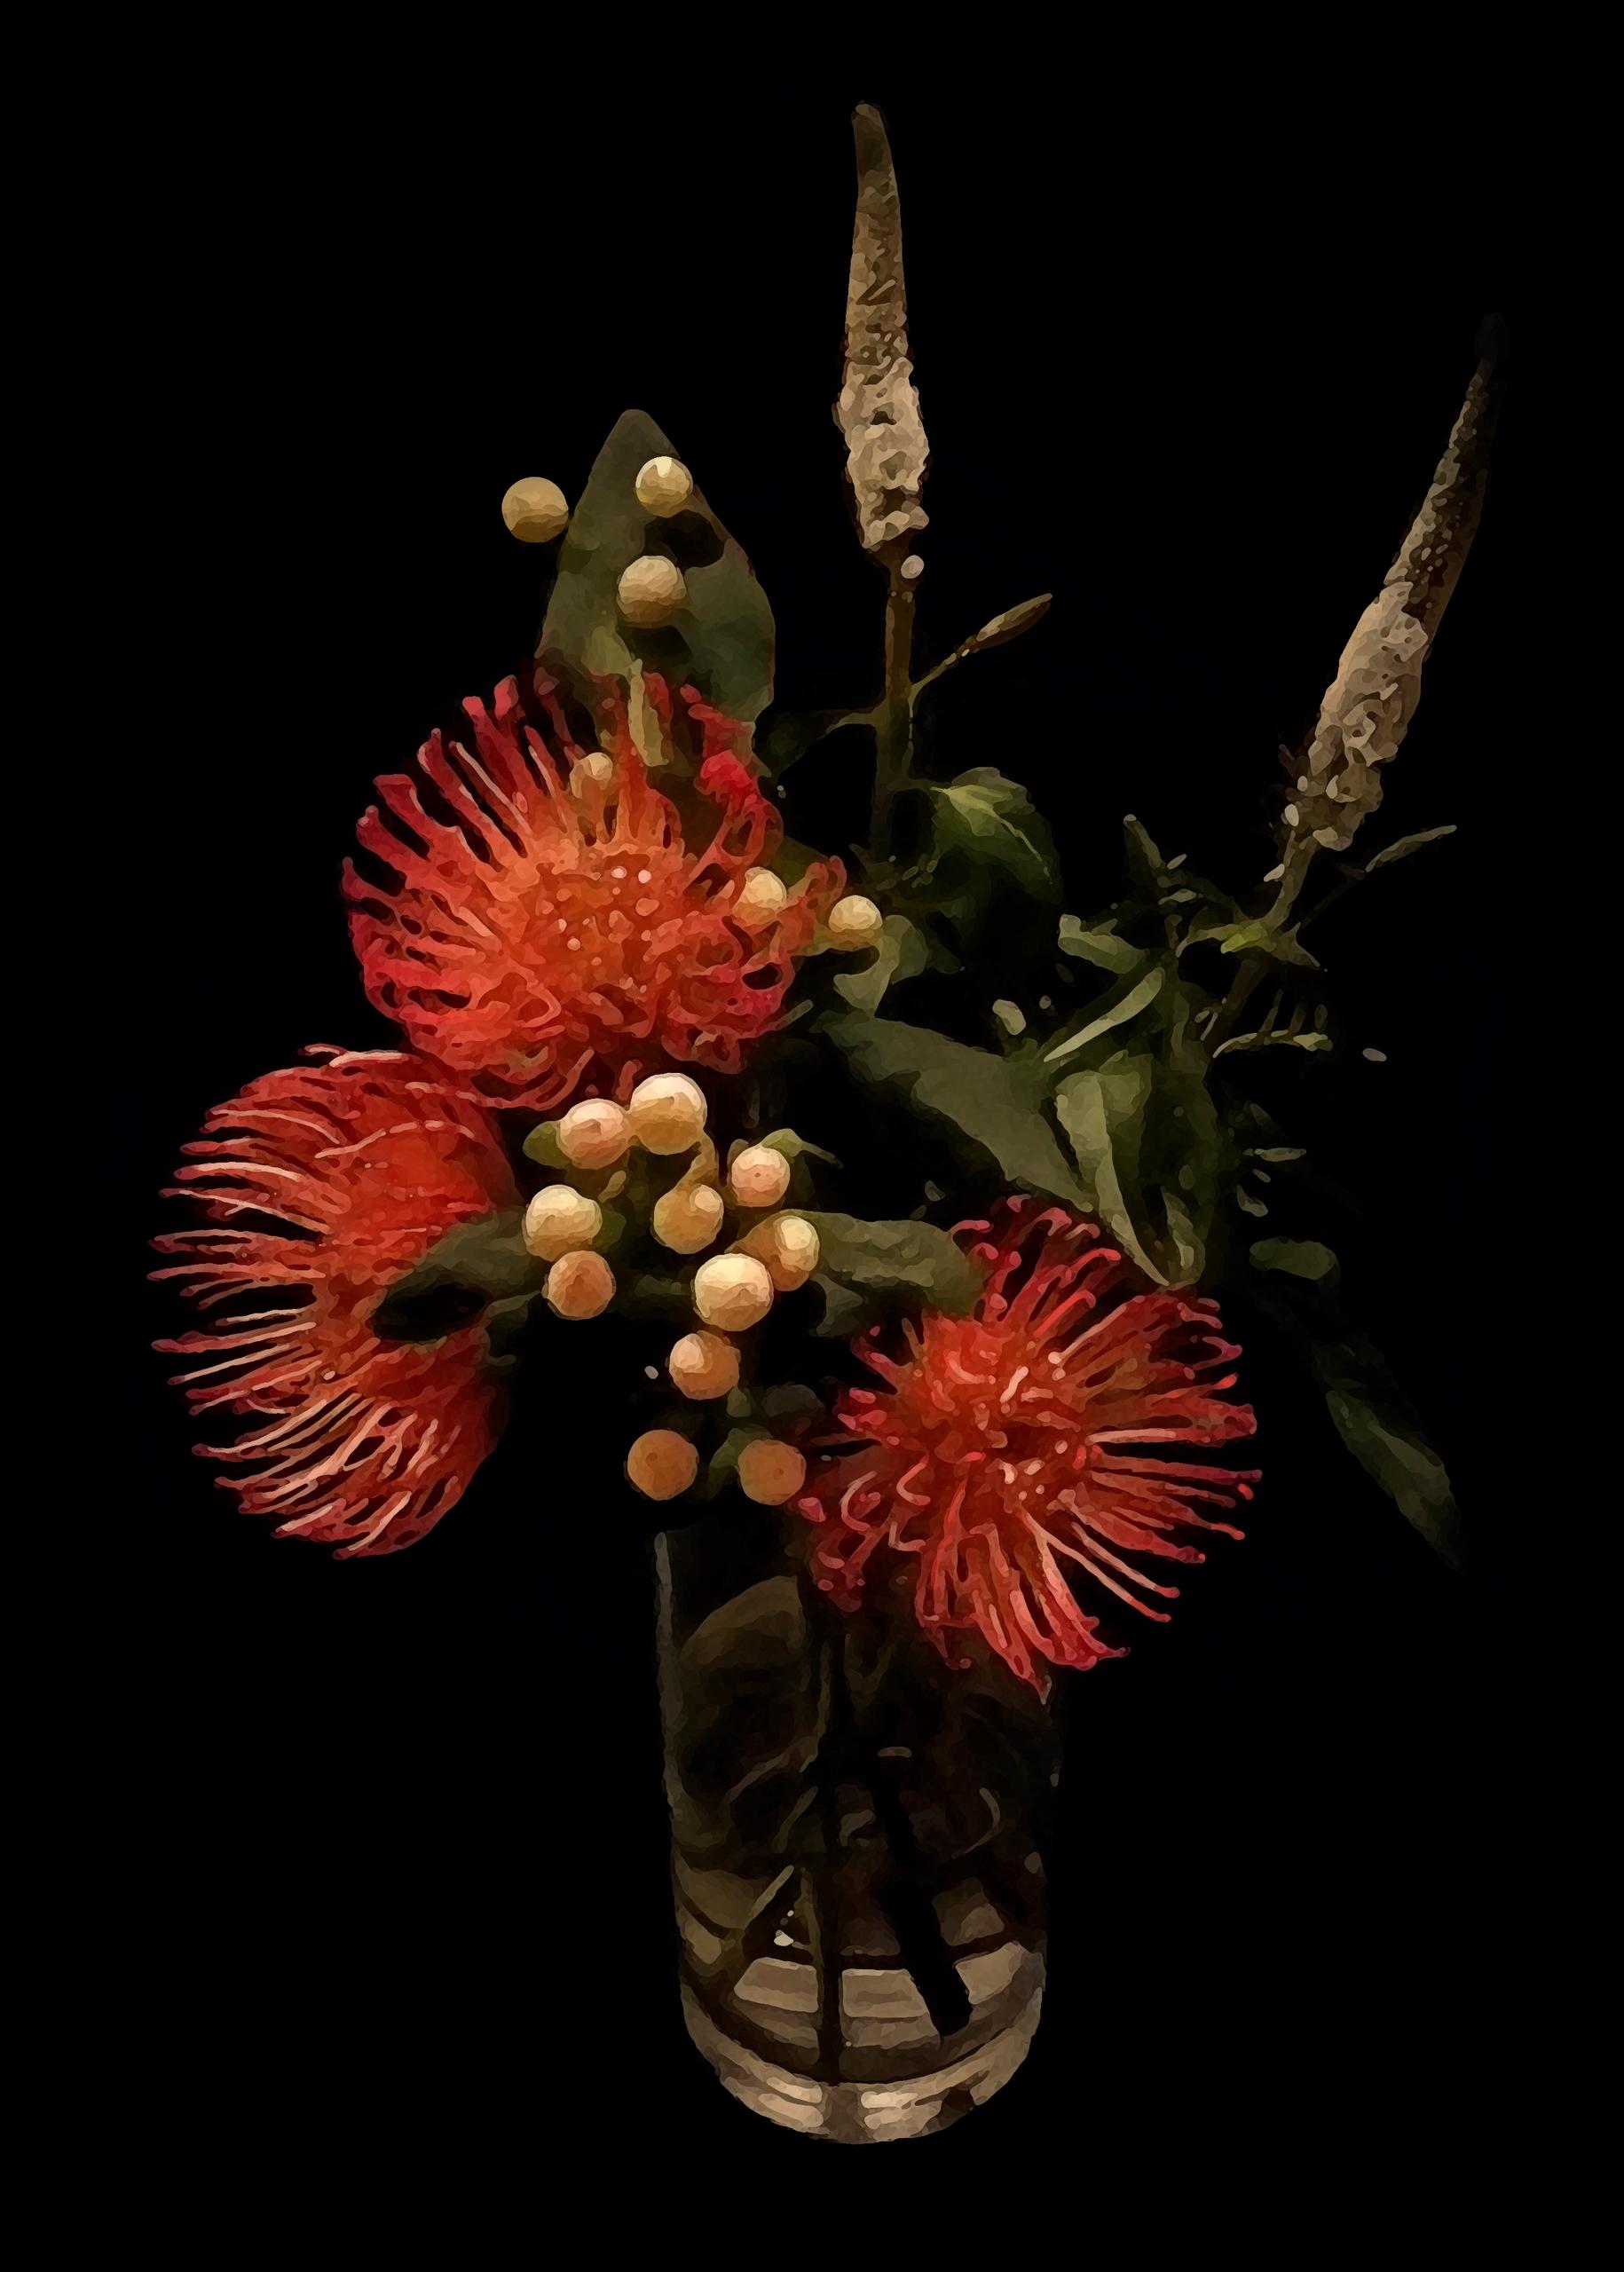 Vaso de flowers - work, juanoficio - juanoficio   ello